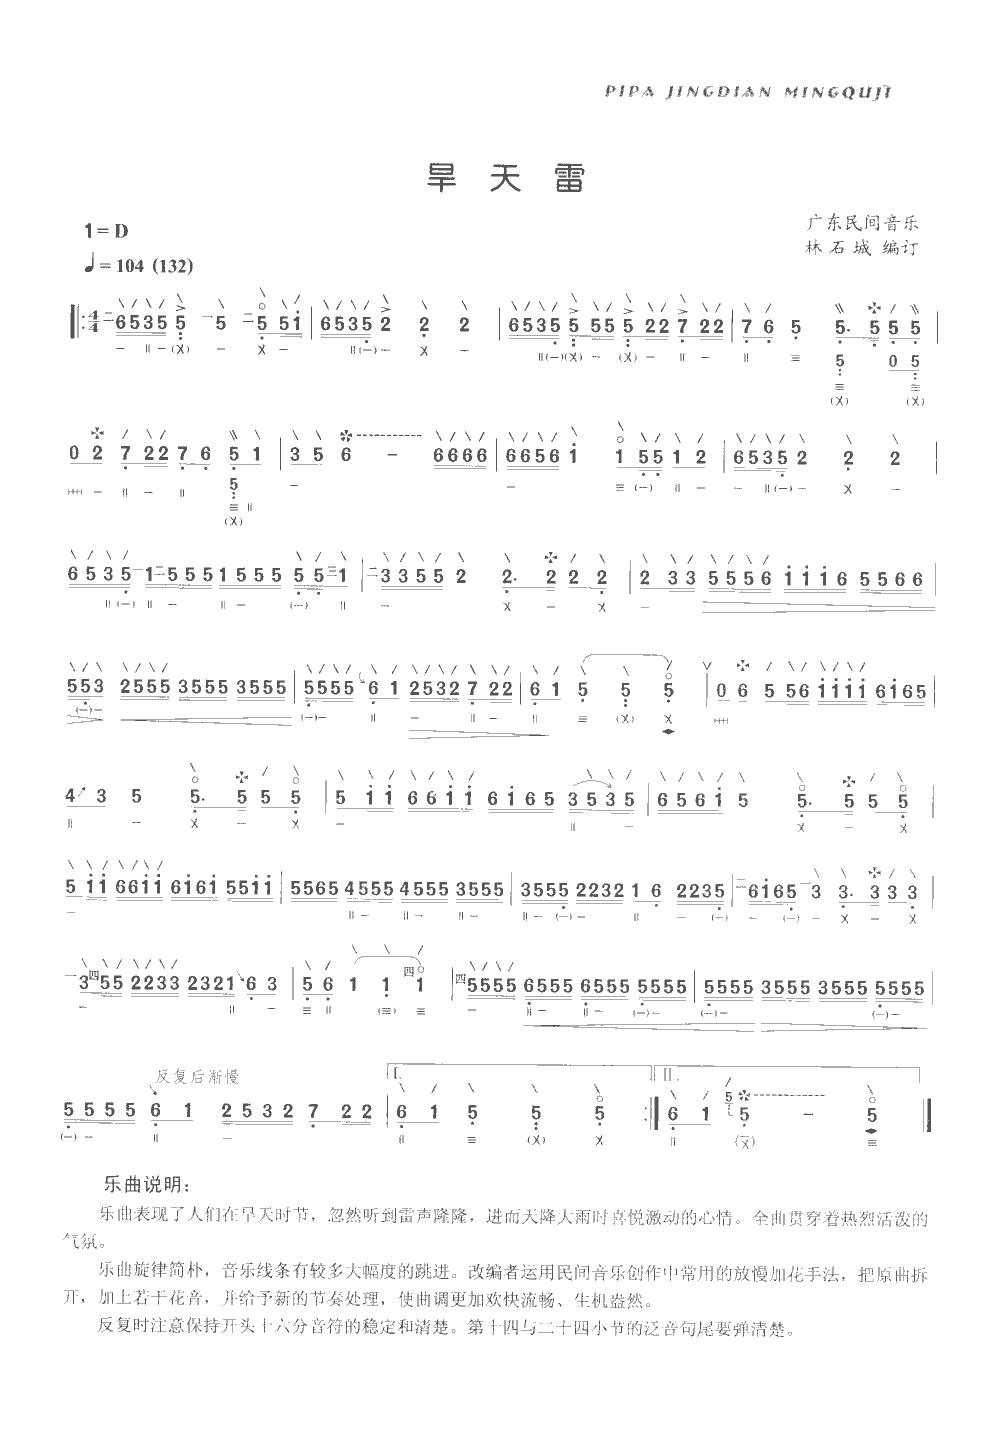 逆伦琵琶曲谱-琵琶与二胡合奏 梦中的水天堂 ,诉说相思之情